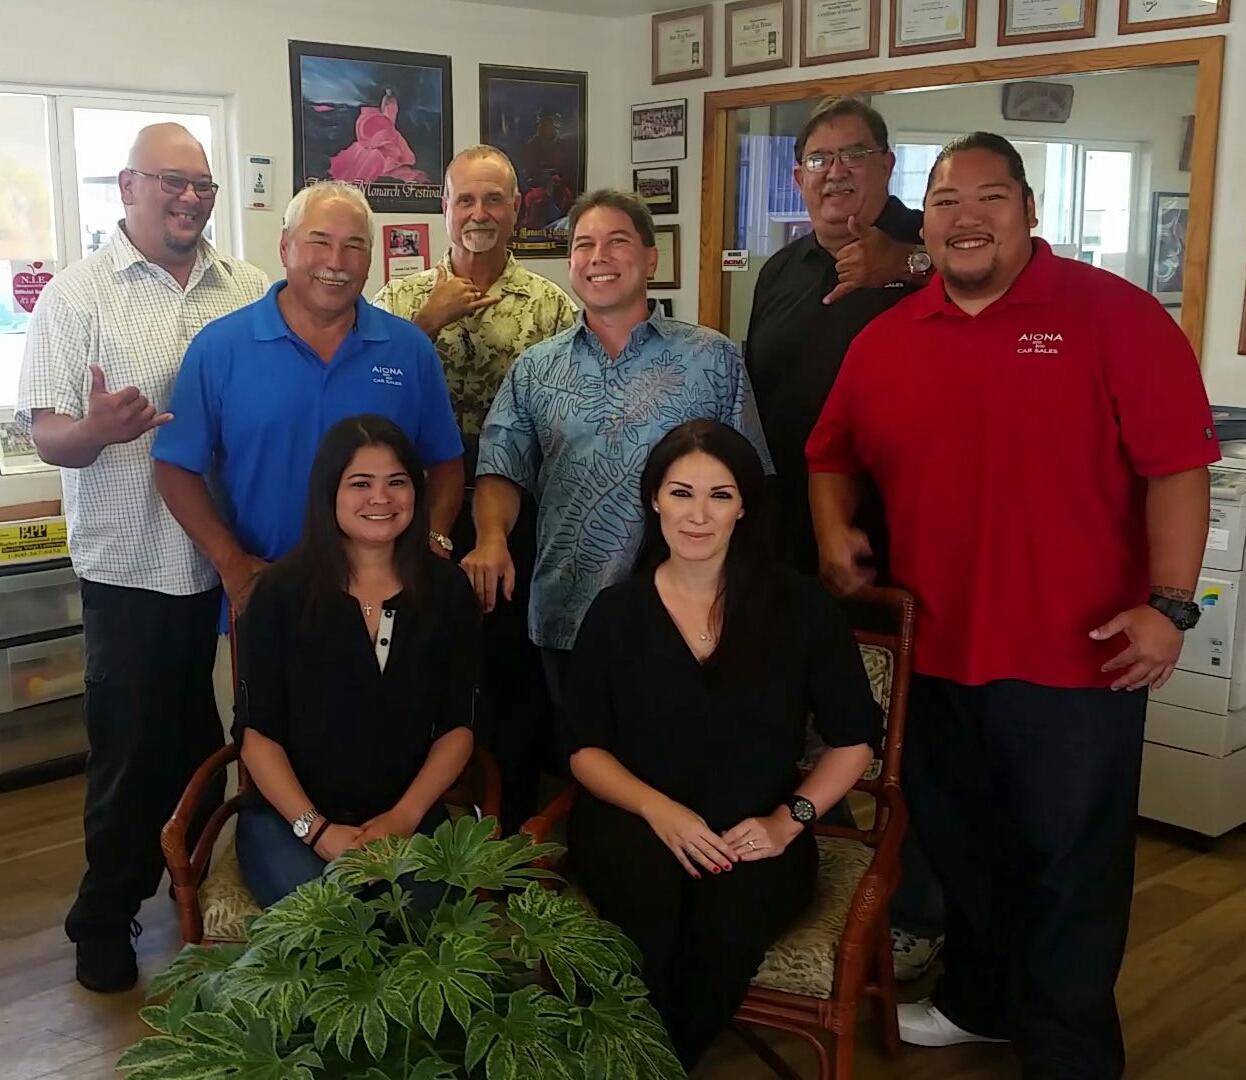 Mark Yamanaka (far right) with his Aiona Car Sales 'ohana. (Photo courtesy of Aiona Car Sales)